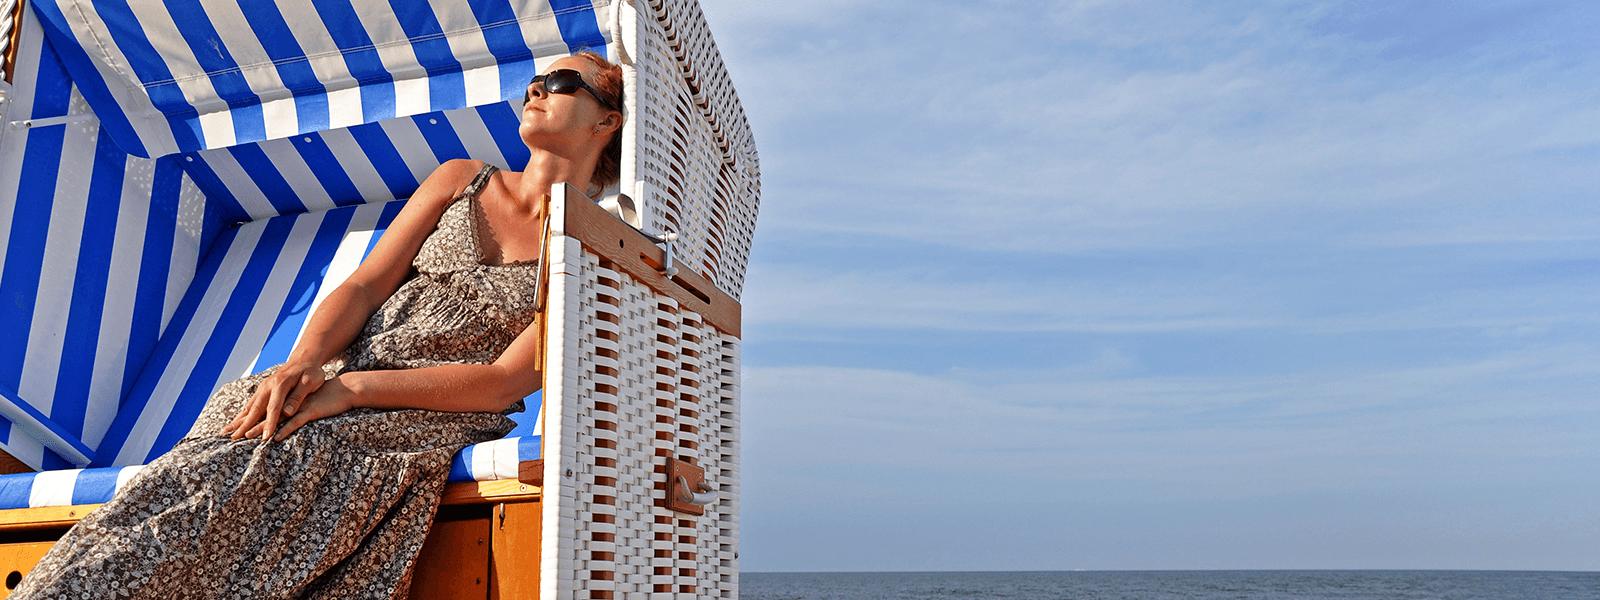 Frau sitzt im Strandkorb und genießt die Sonne